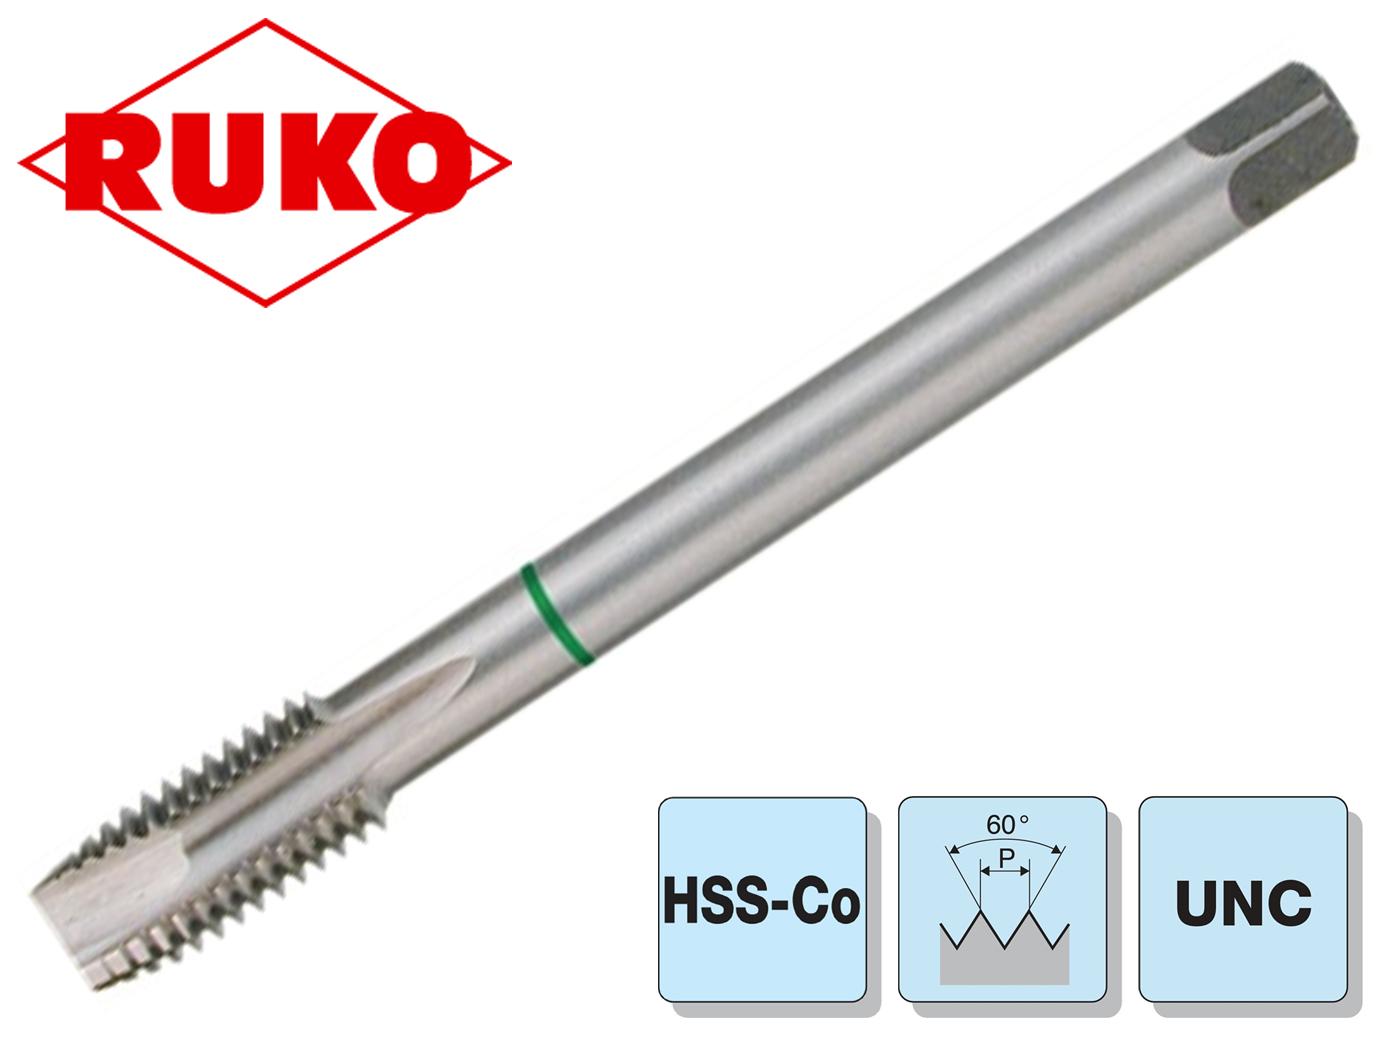 Machinetappen HSSE-Co 5 DIN376 B Through doorvoerschroefdraad UNC 7/16